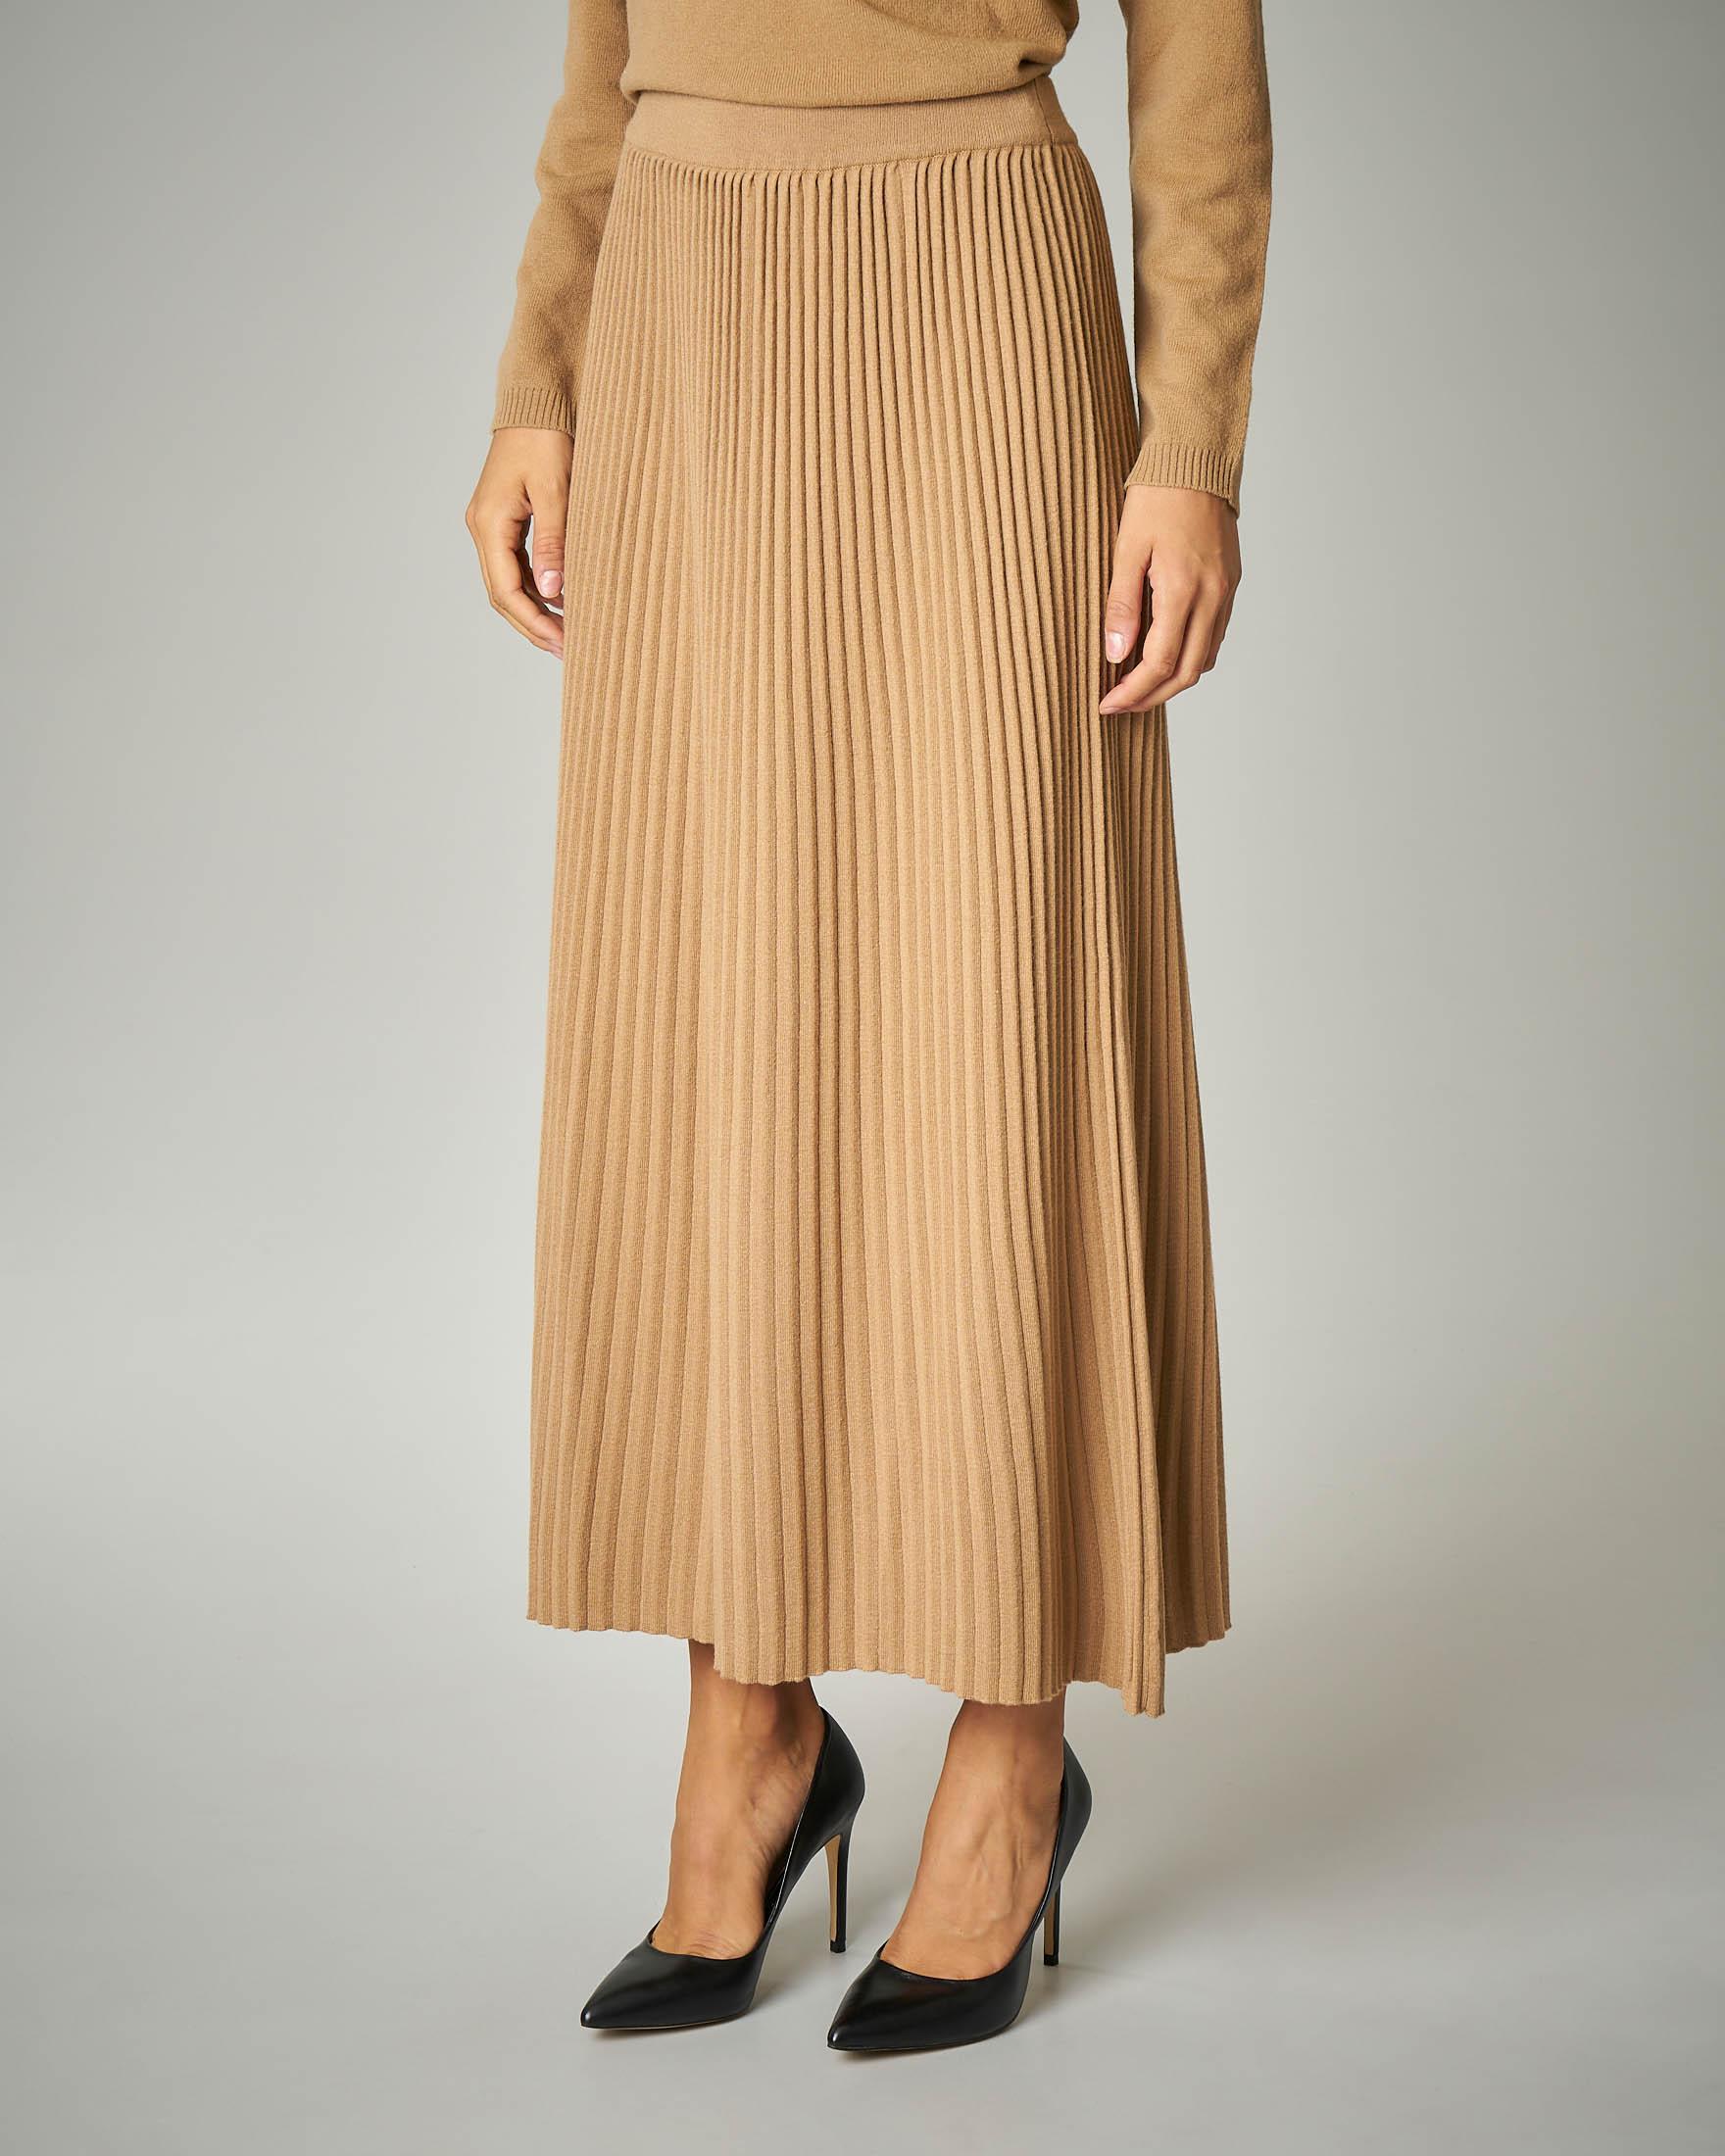 Gonna in tricot plissè colore cammello